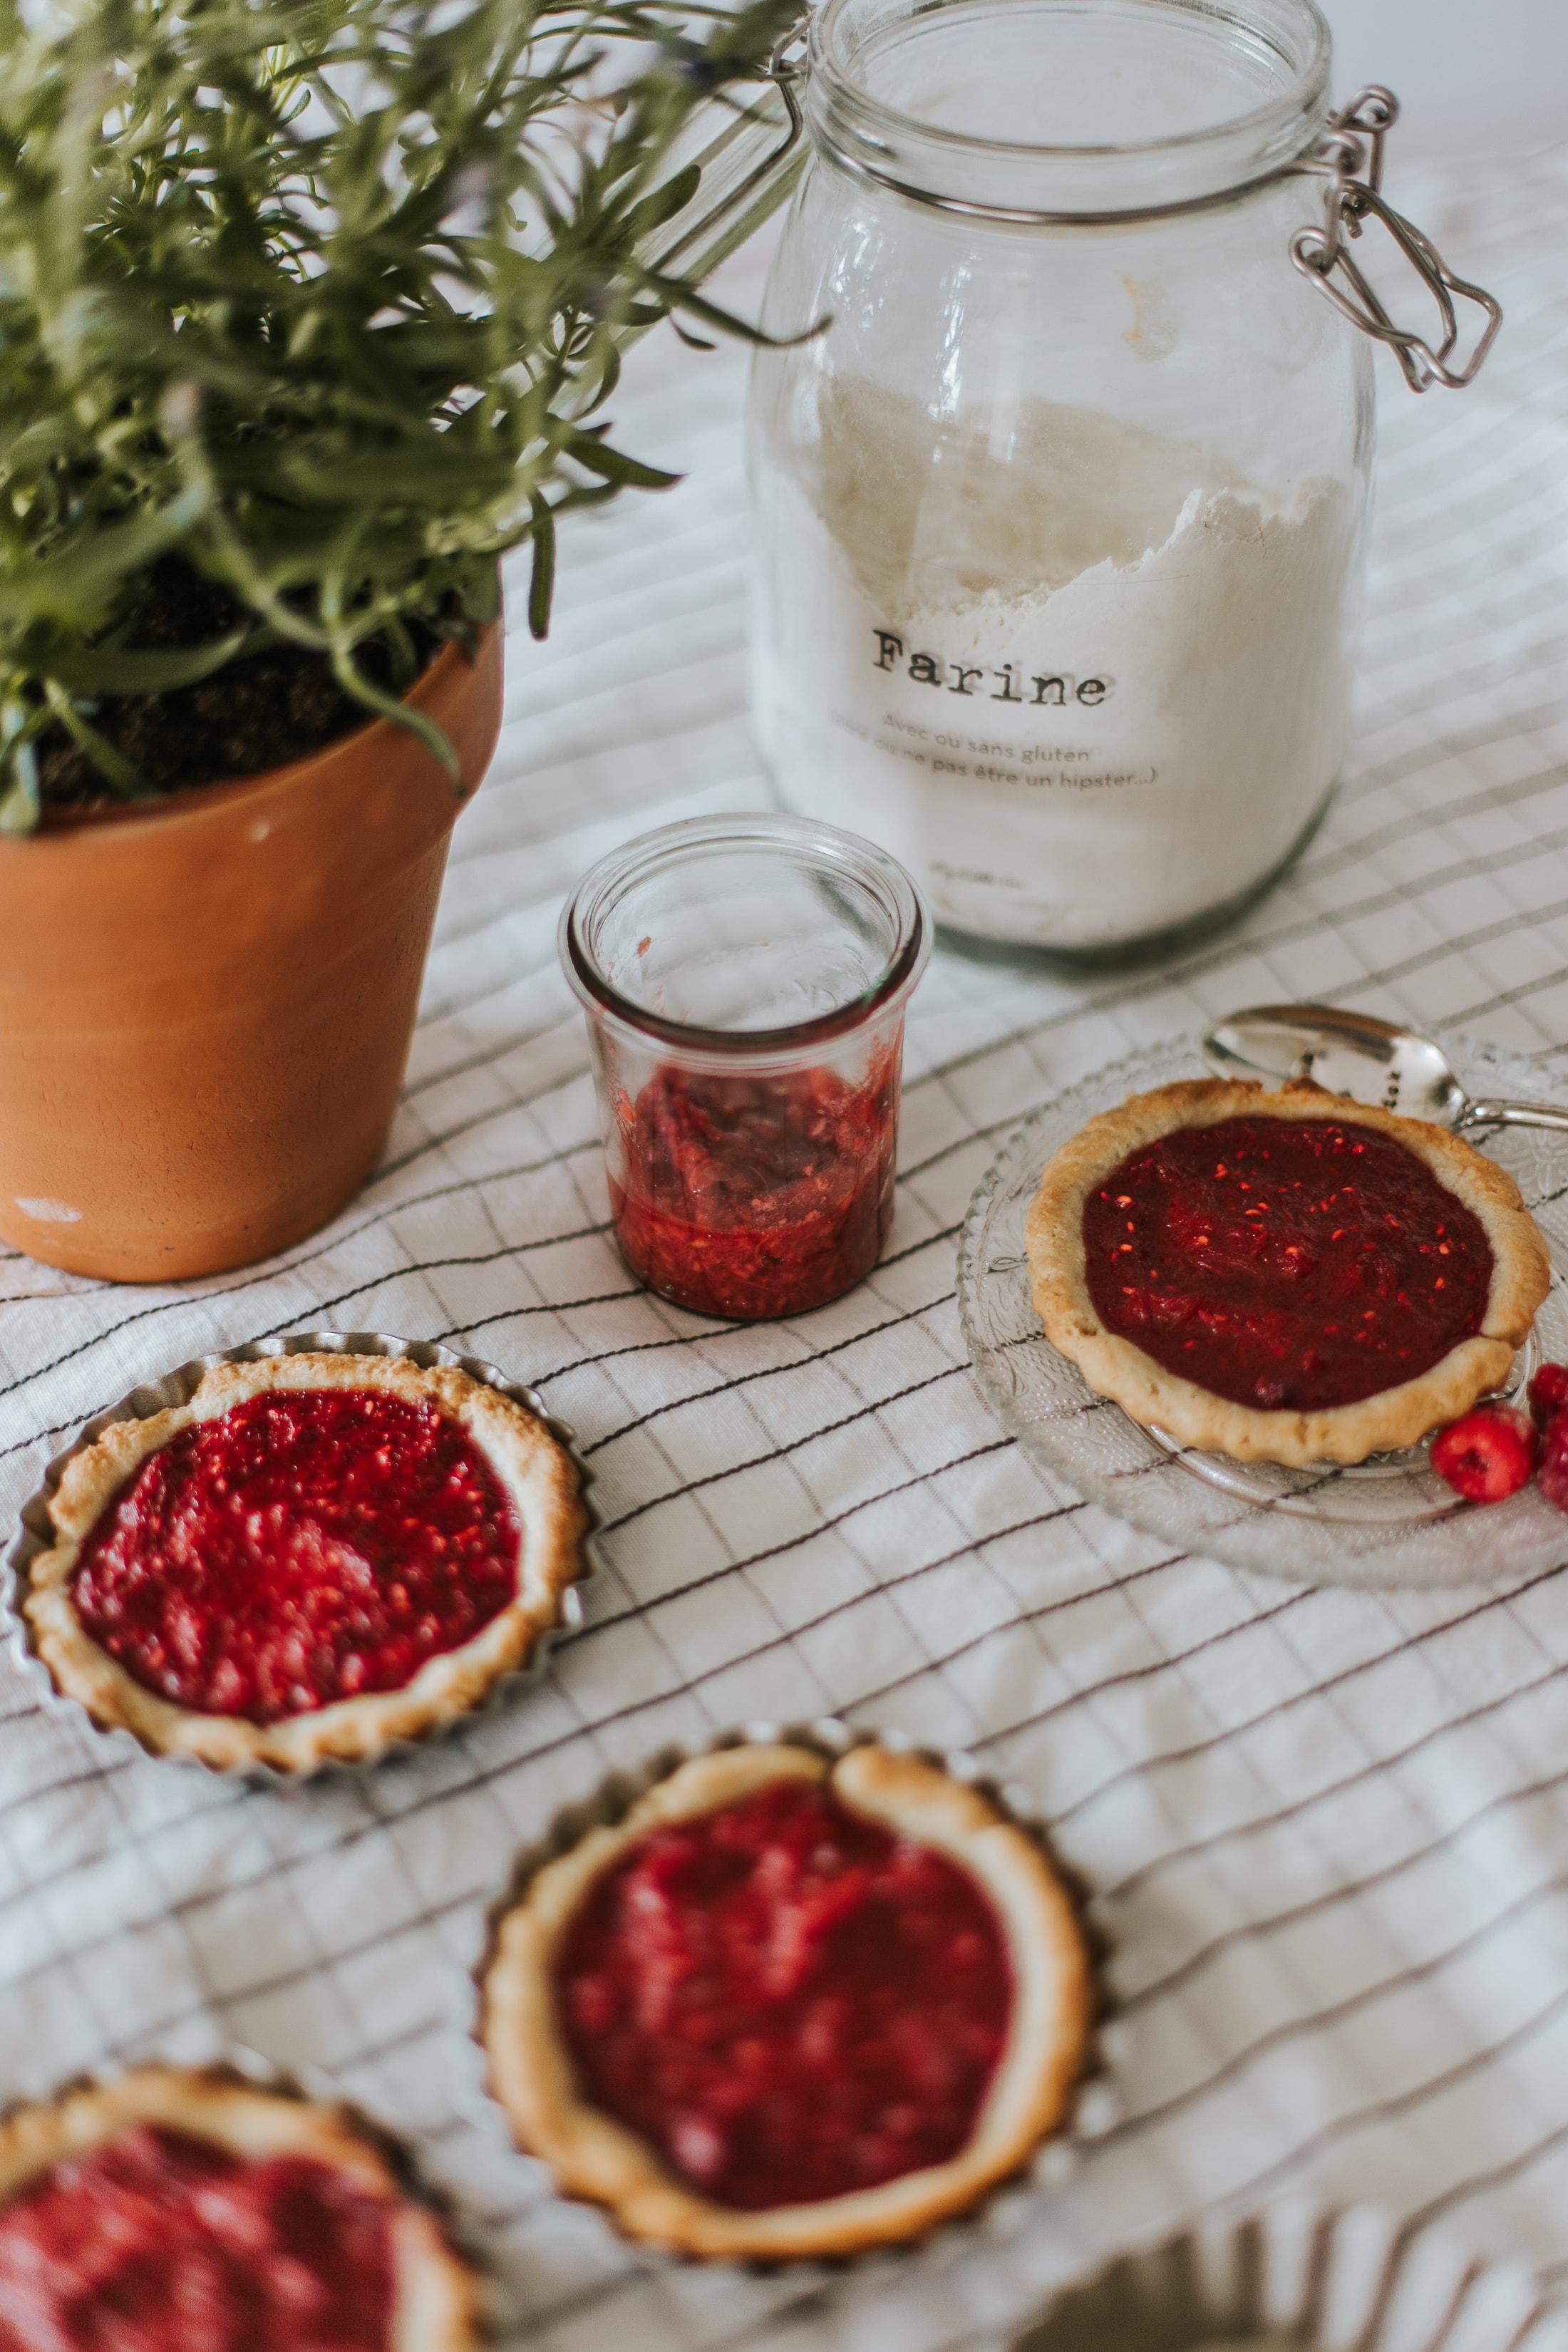 Tartelette vegan framboise & rhubarbe